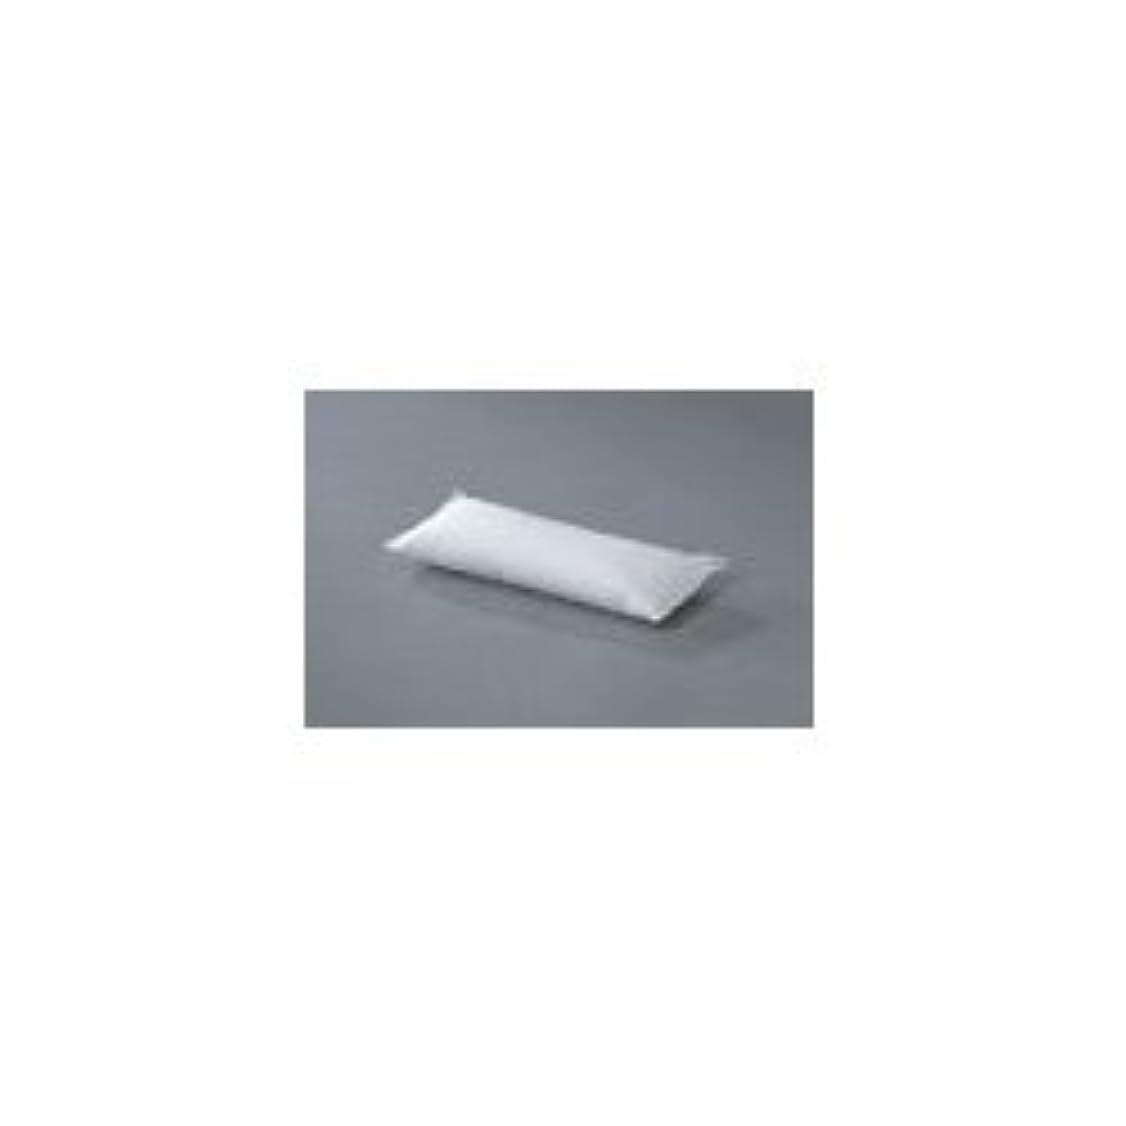 近似コンプリート時刻表ジャノメ 24時間風呂 クリーンバスユニット専用電解促進剤 CLパック 7袋 (クリーンパック)